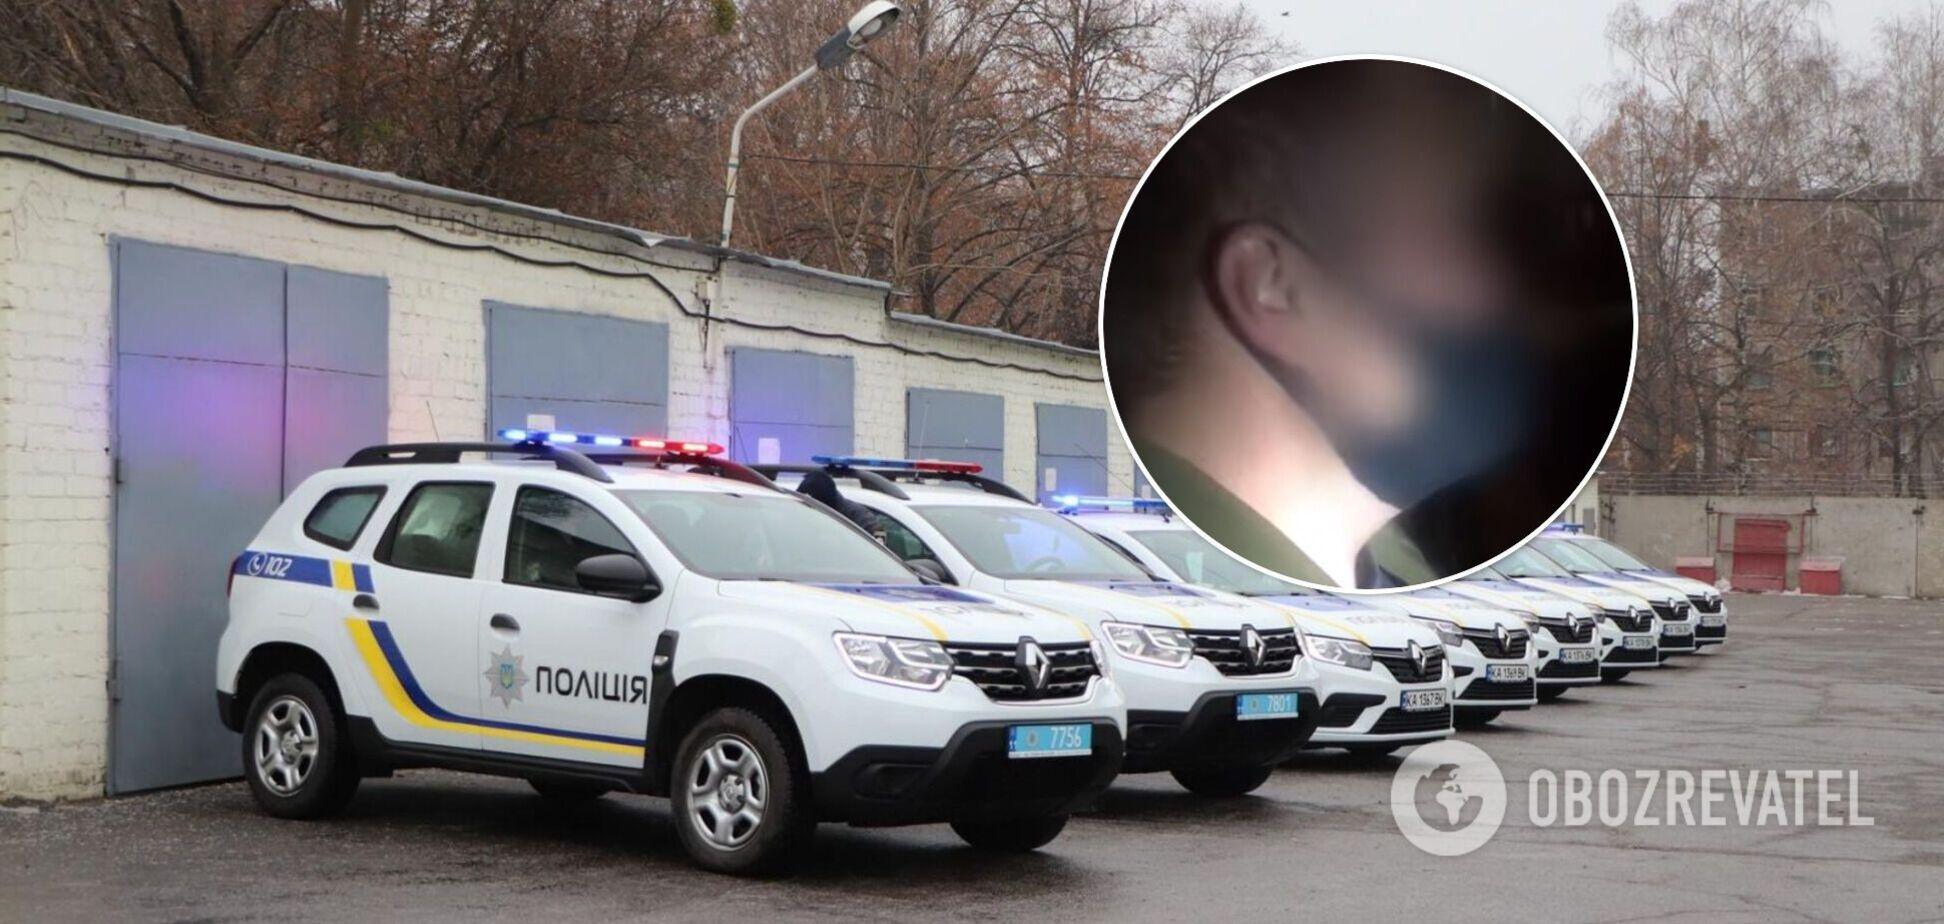 В Киеве полицейский ограбил мужчину